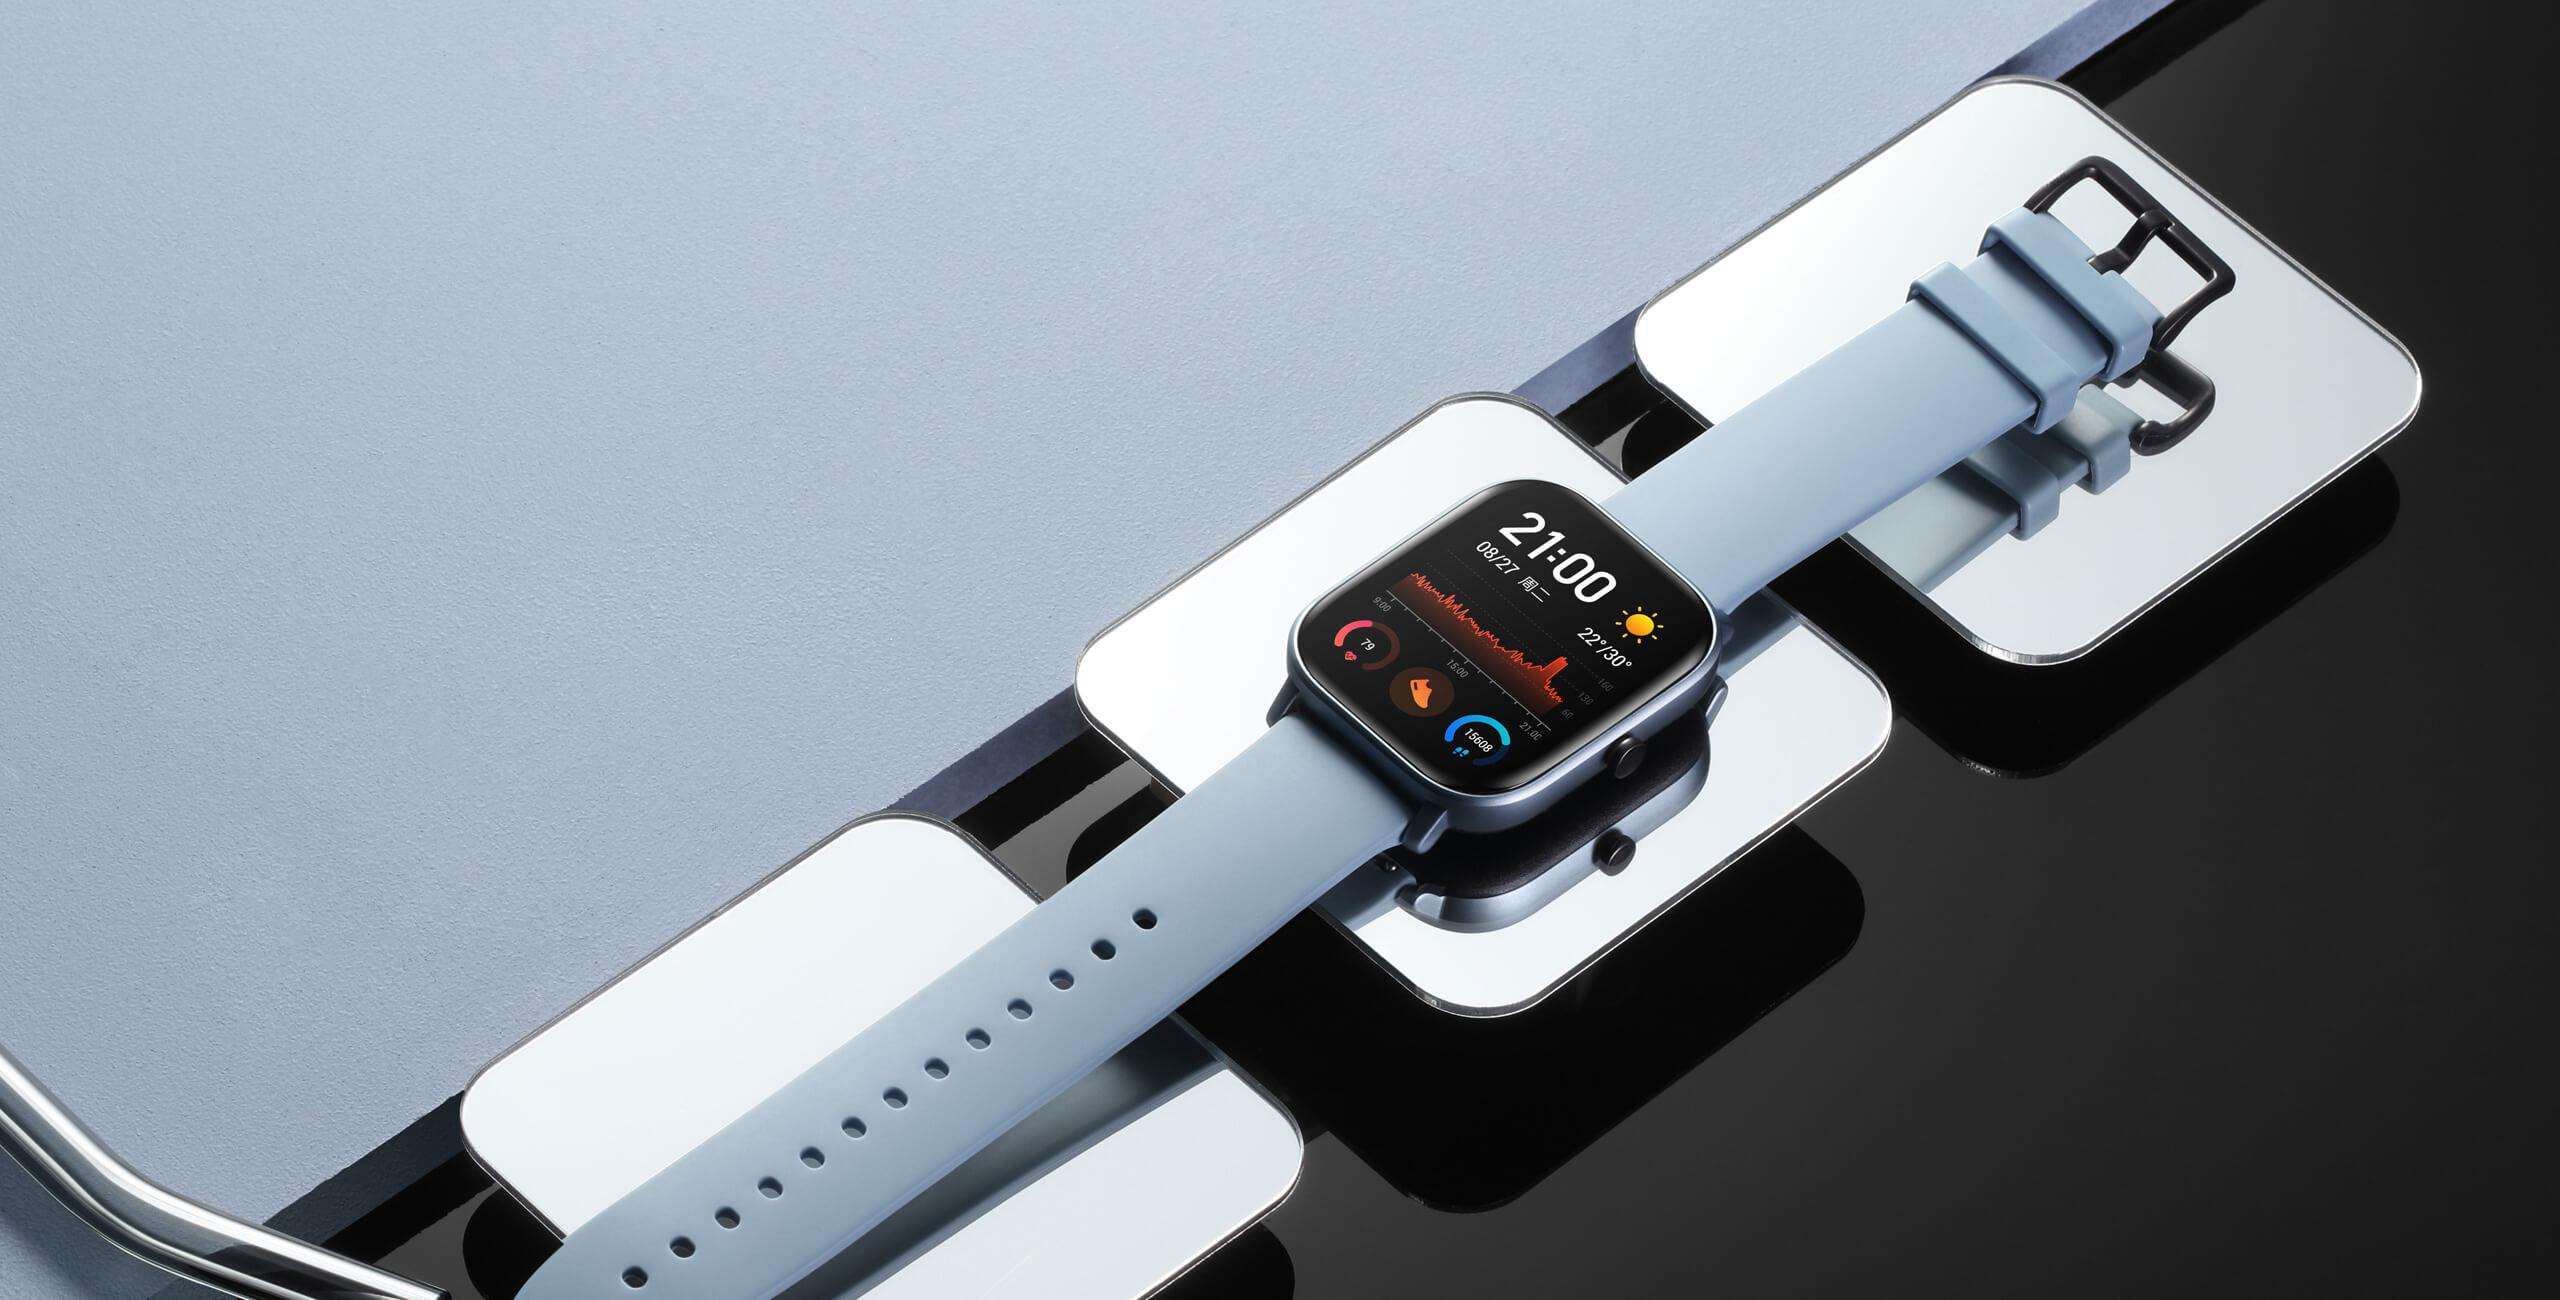 هوامي Amazfit GTS Smartwatch مراجعة ، السعر والمواصفات 2